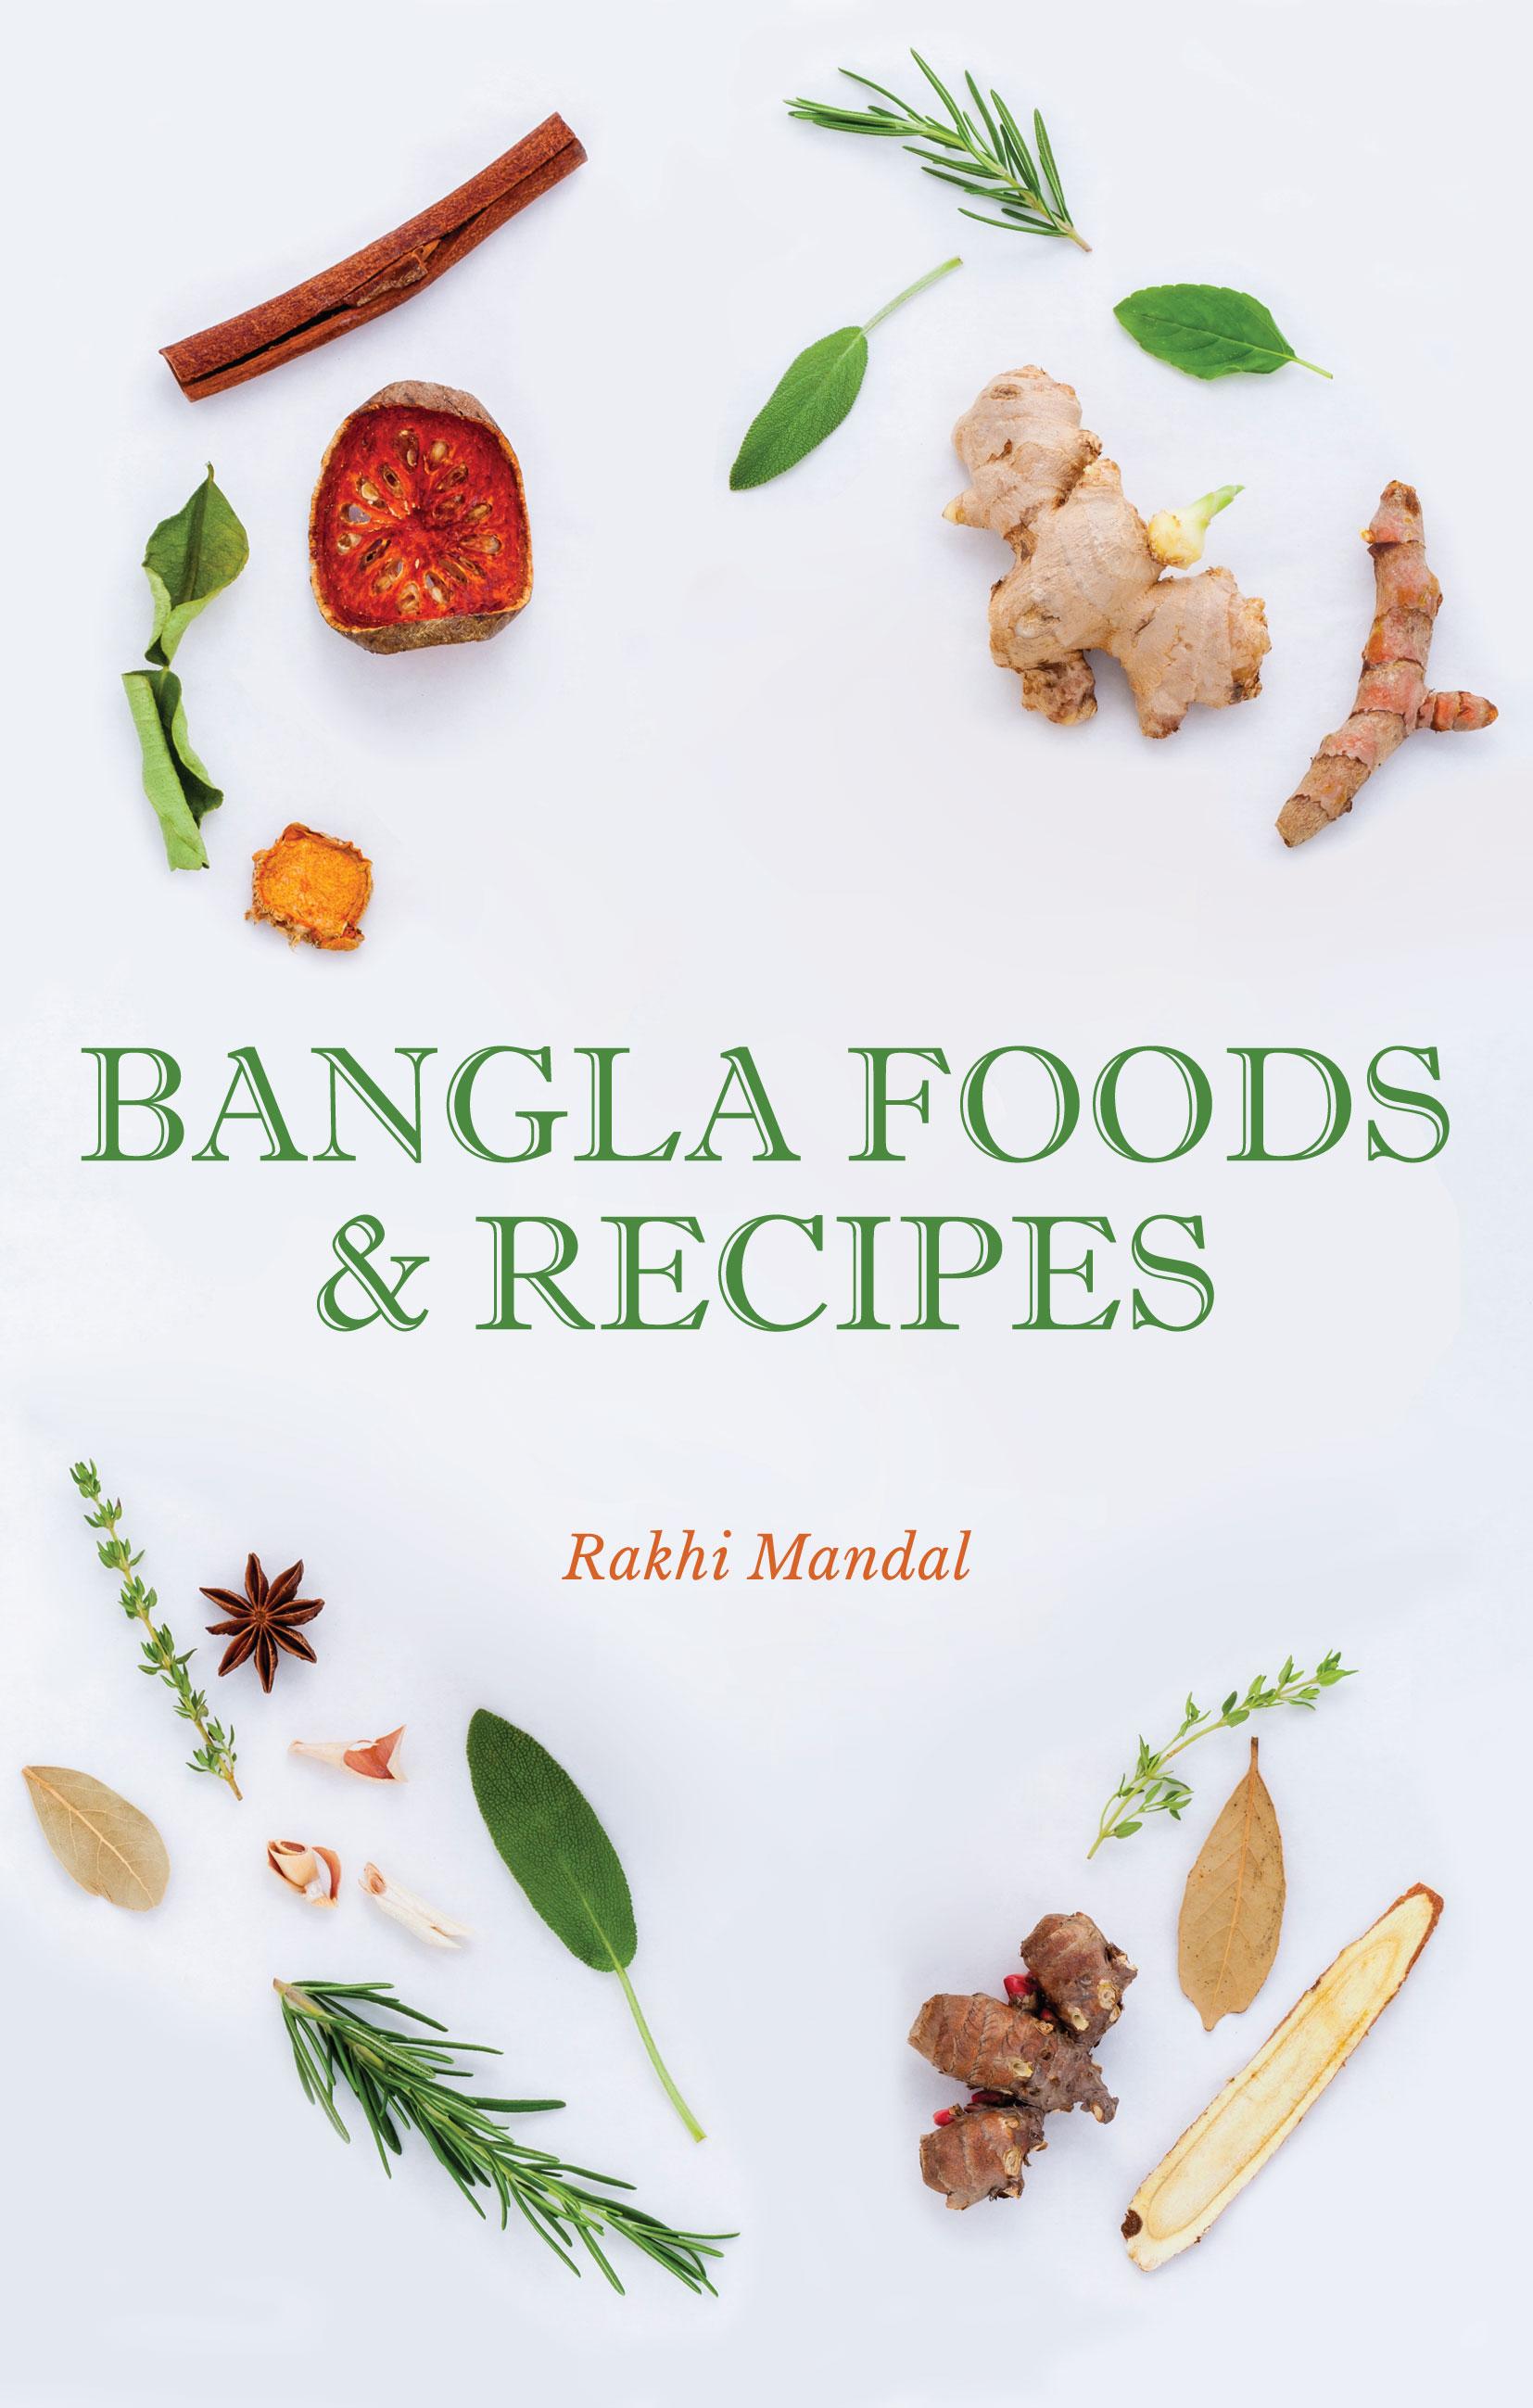 Bangla Foods and Recipes Book